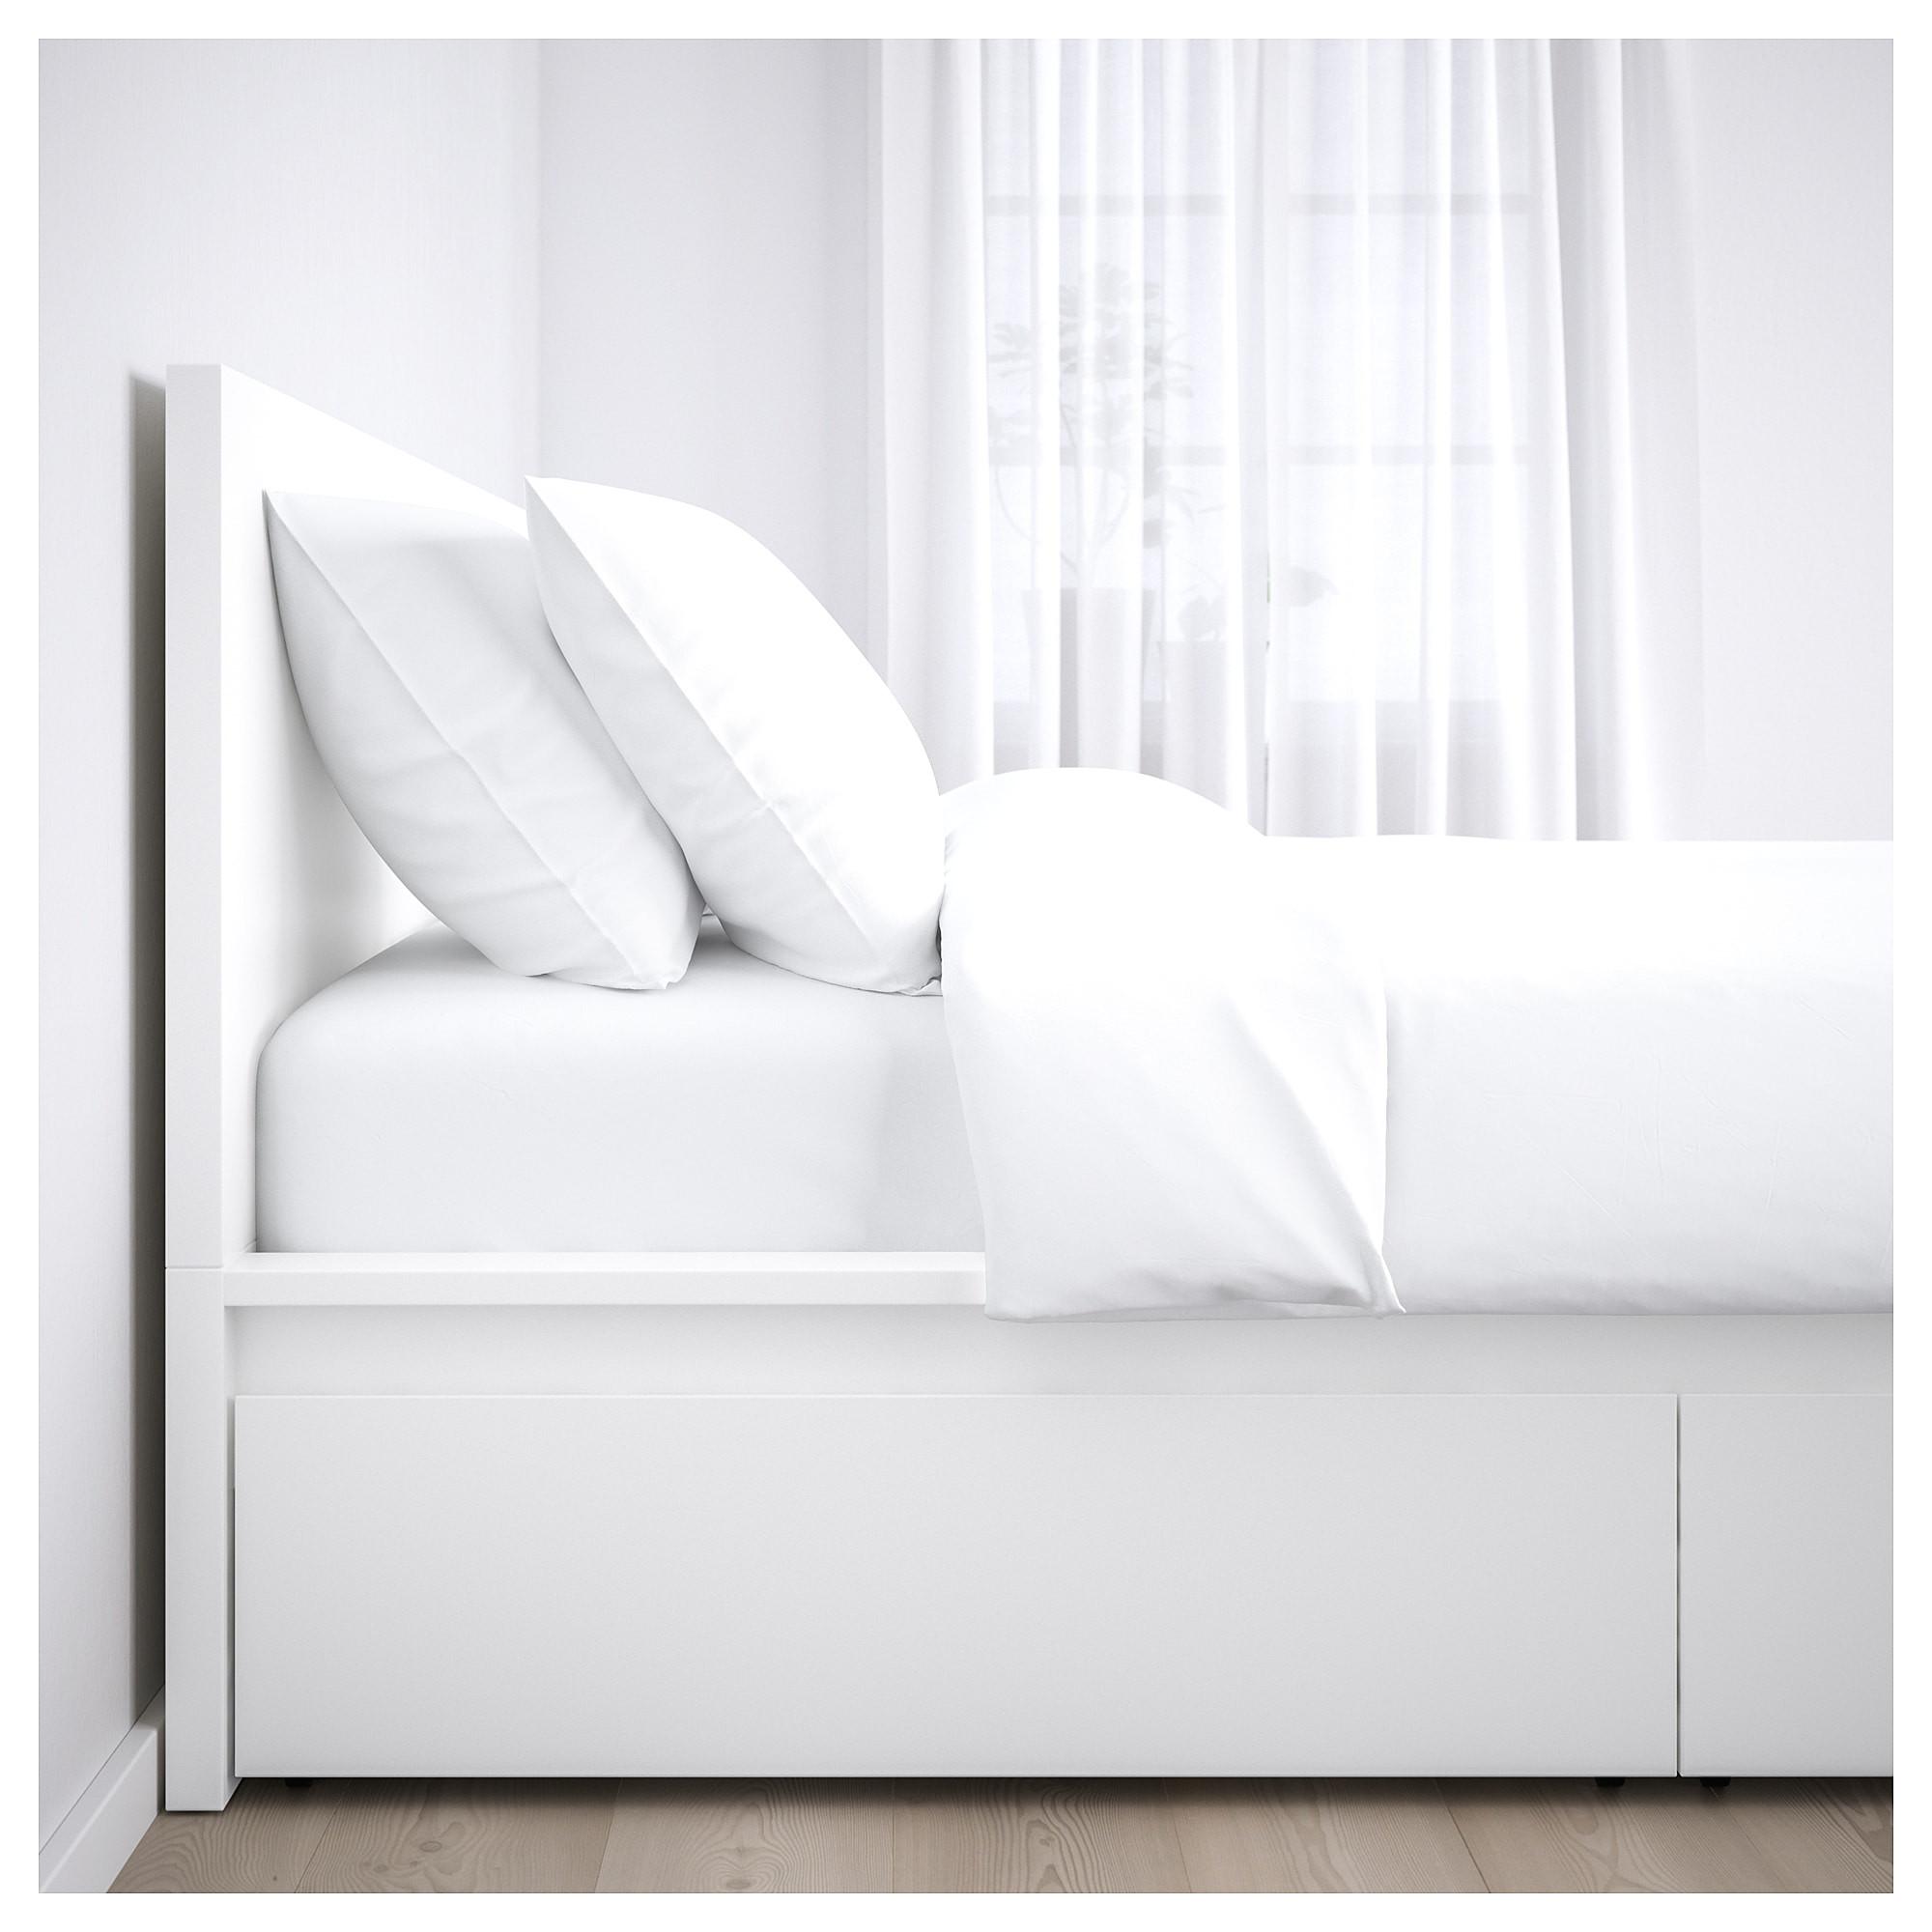 malm bedframe hoog met 4 bedlades 160x200 cm wit ikea